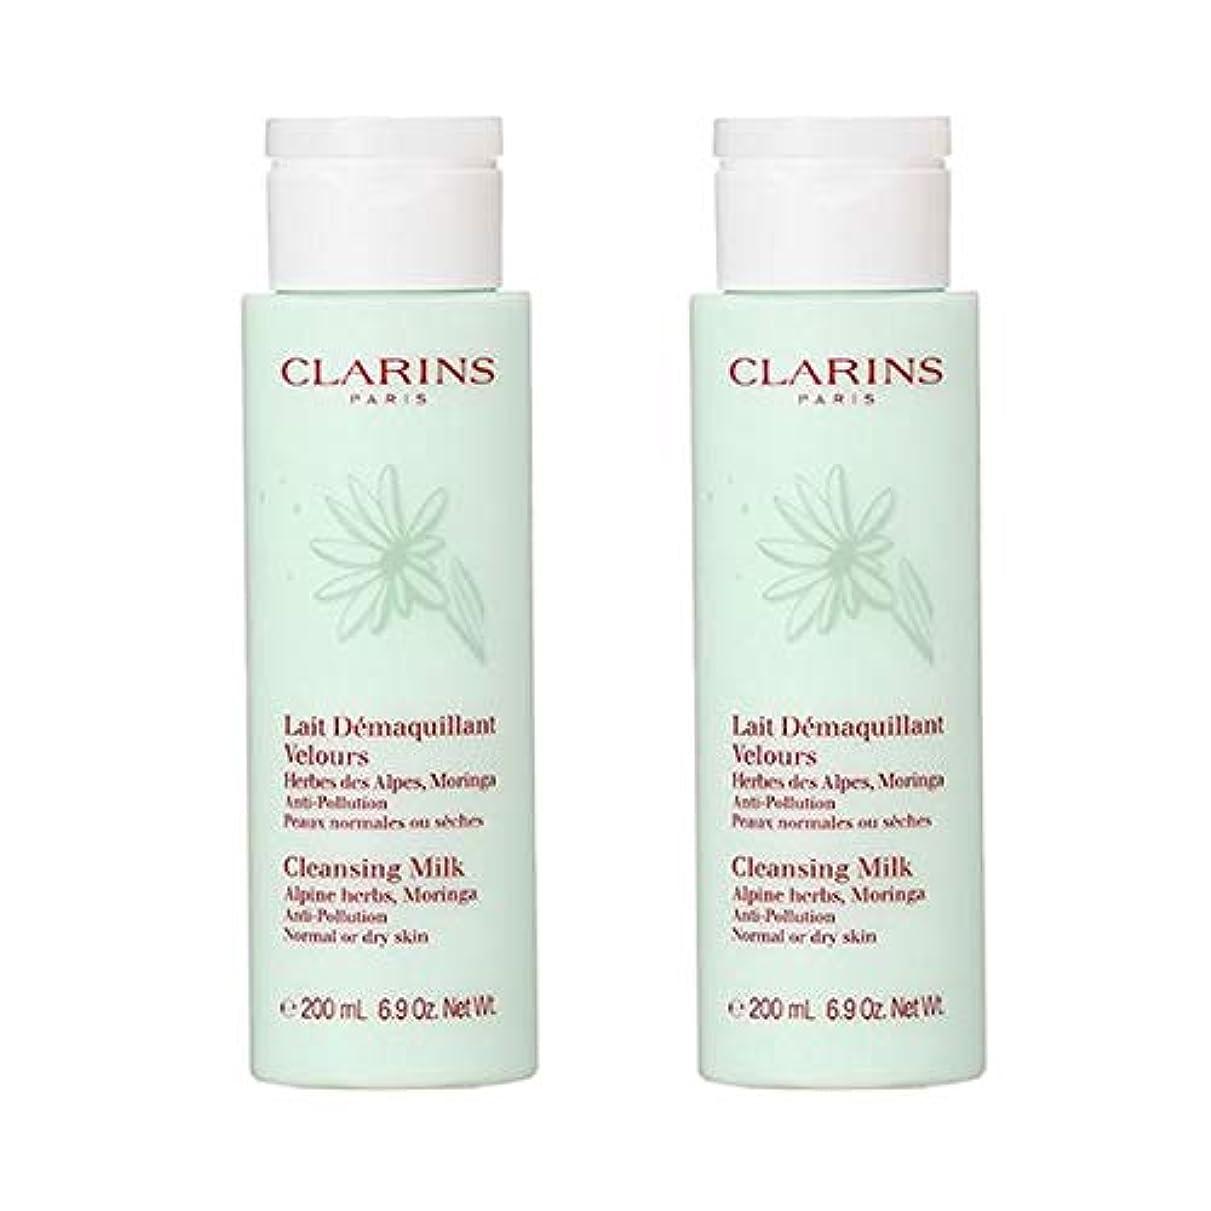 【セット】クラランス CLARINS クレンジングミルク ドライ/ノーマル 200mL 2個セット [並行輸入品]